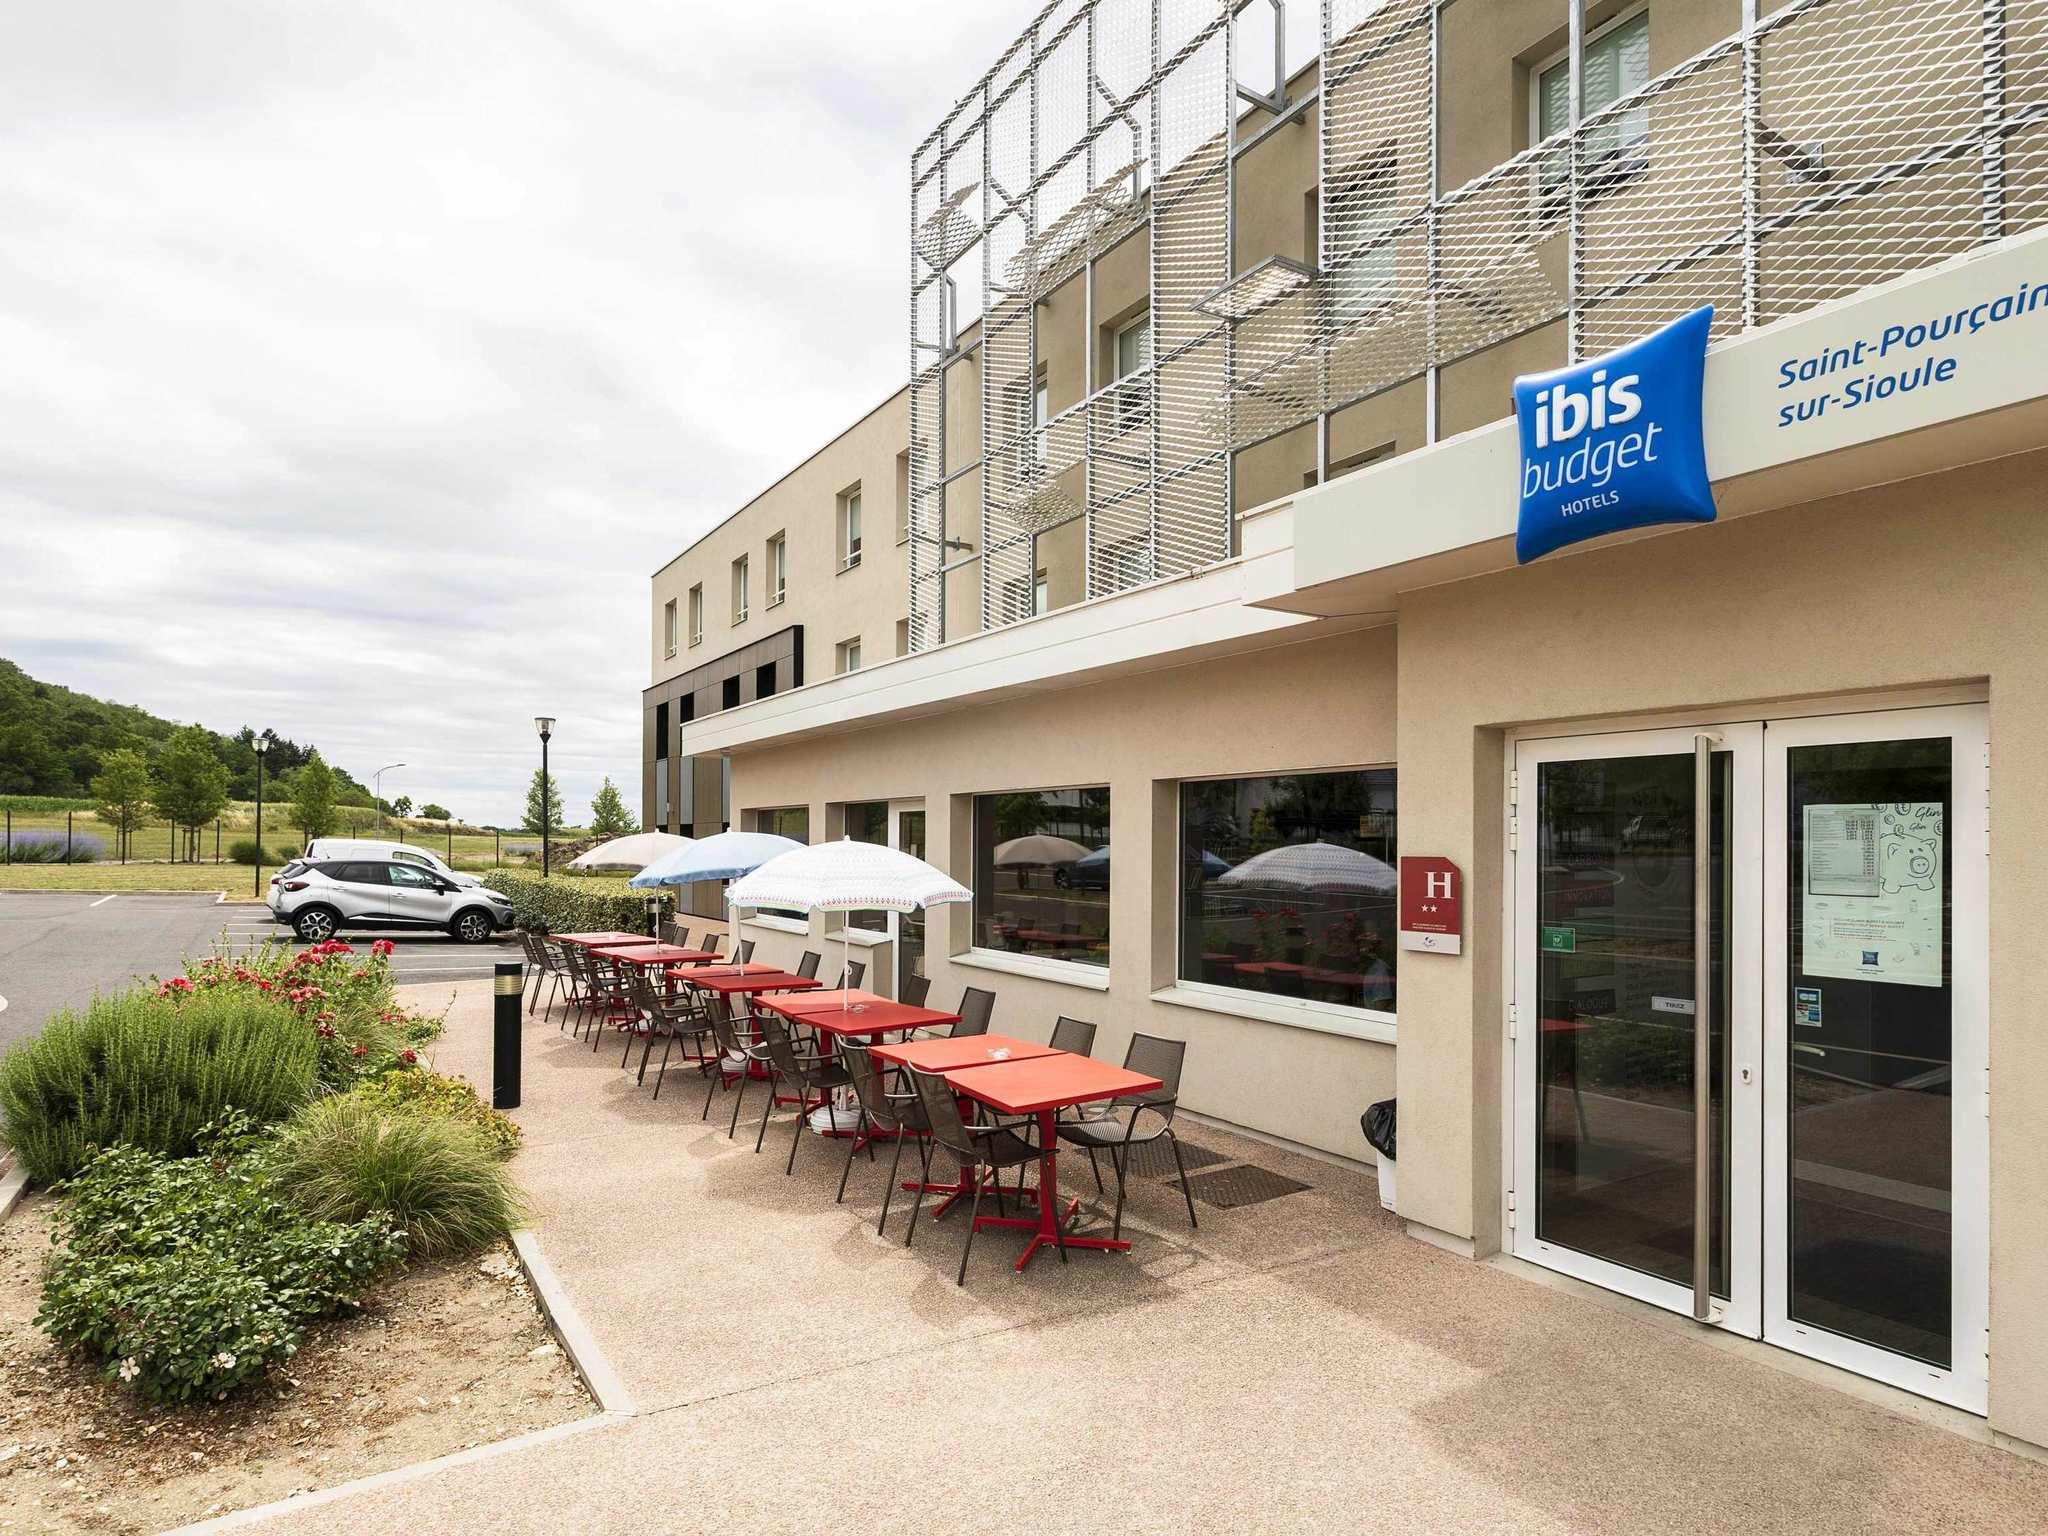 Hotel - ibis budget Saint Pourcain sur Sioule